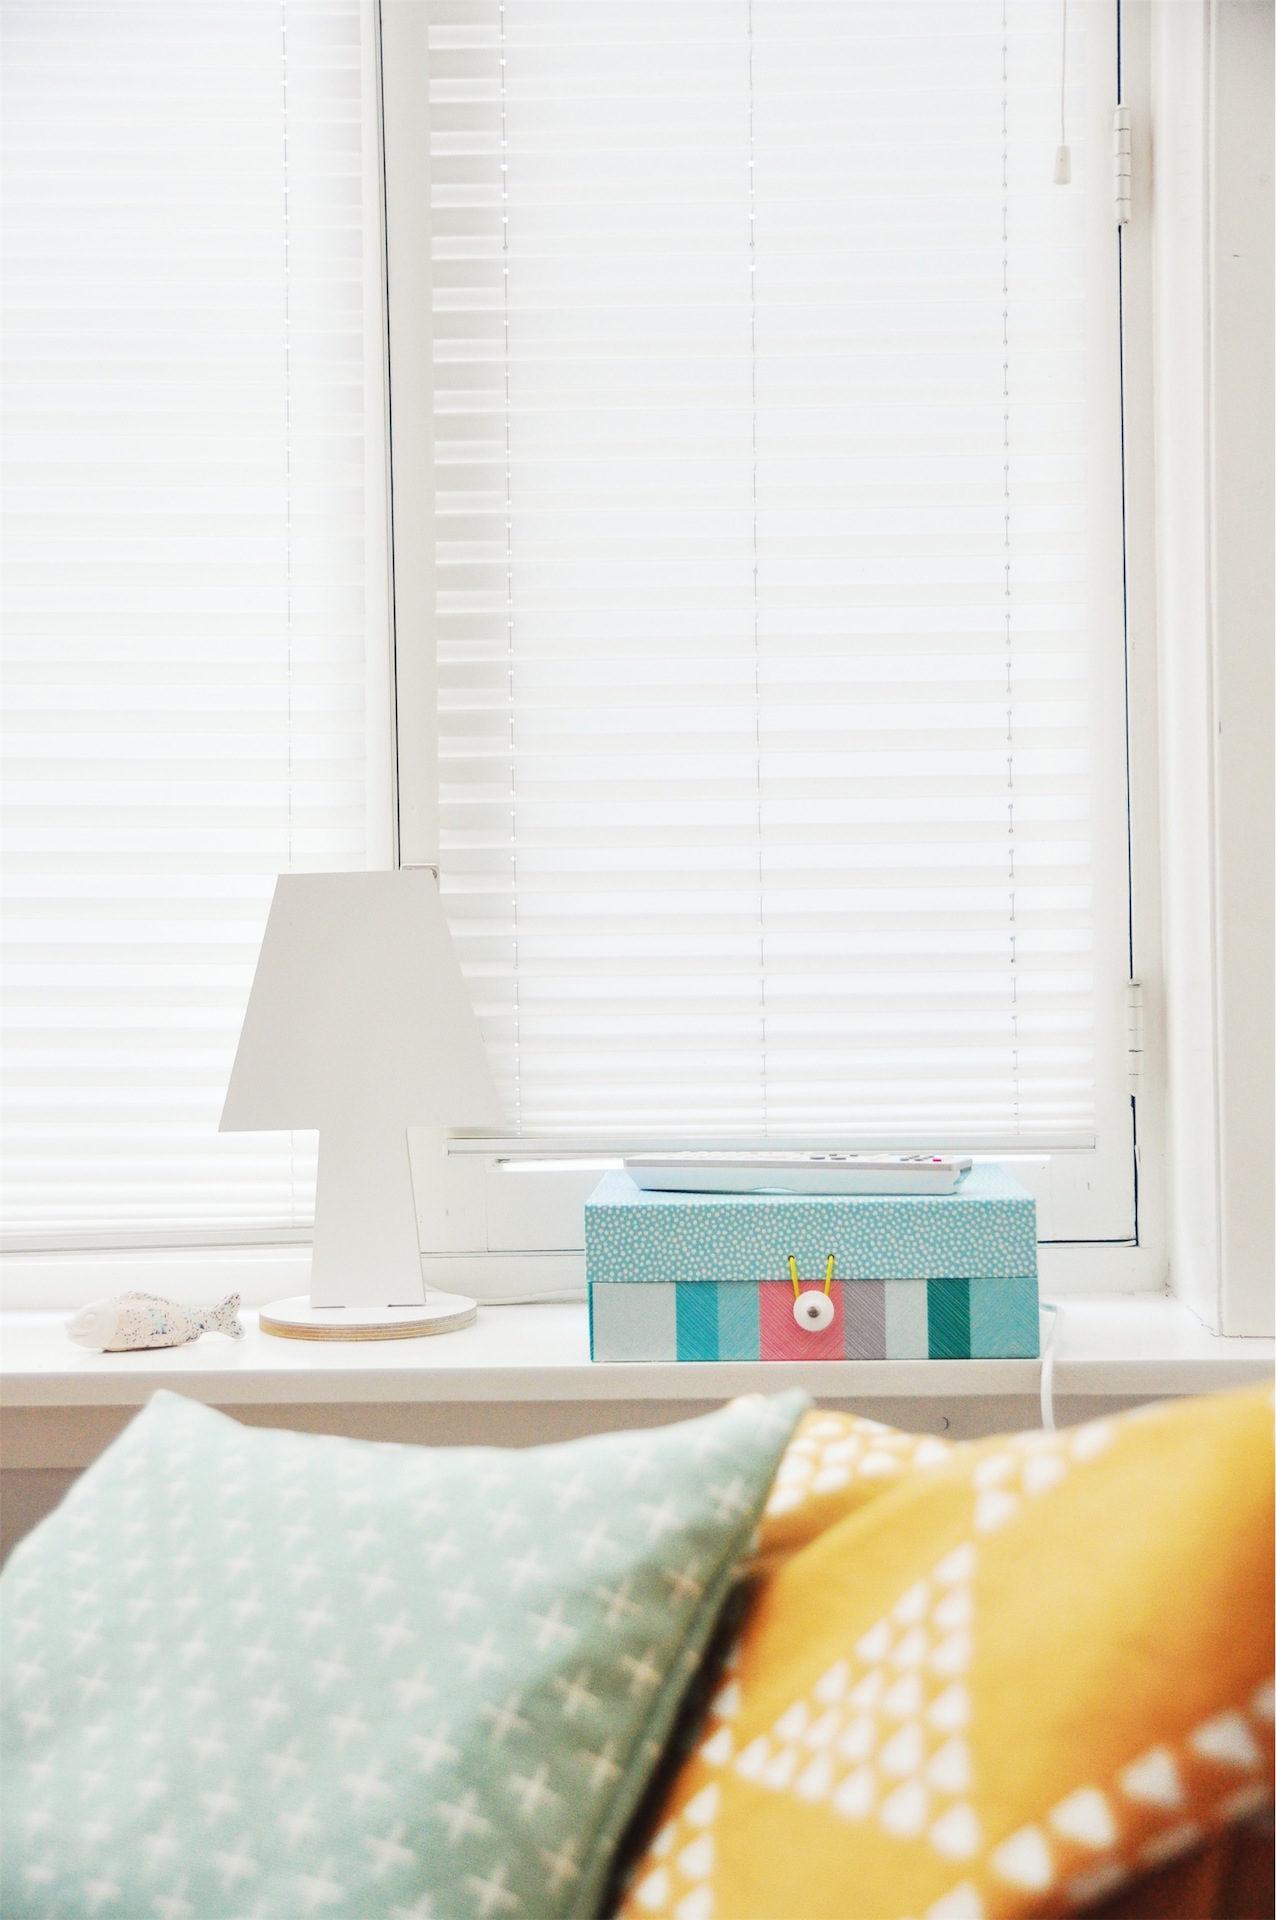 框, 礼物, 灯, 靠垫, 白色 - 高清壁纸 - 教授-falken.com